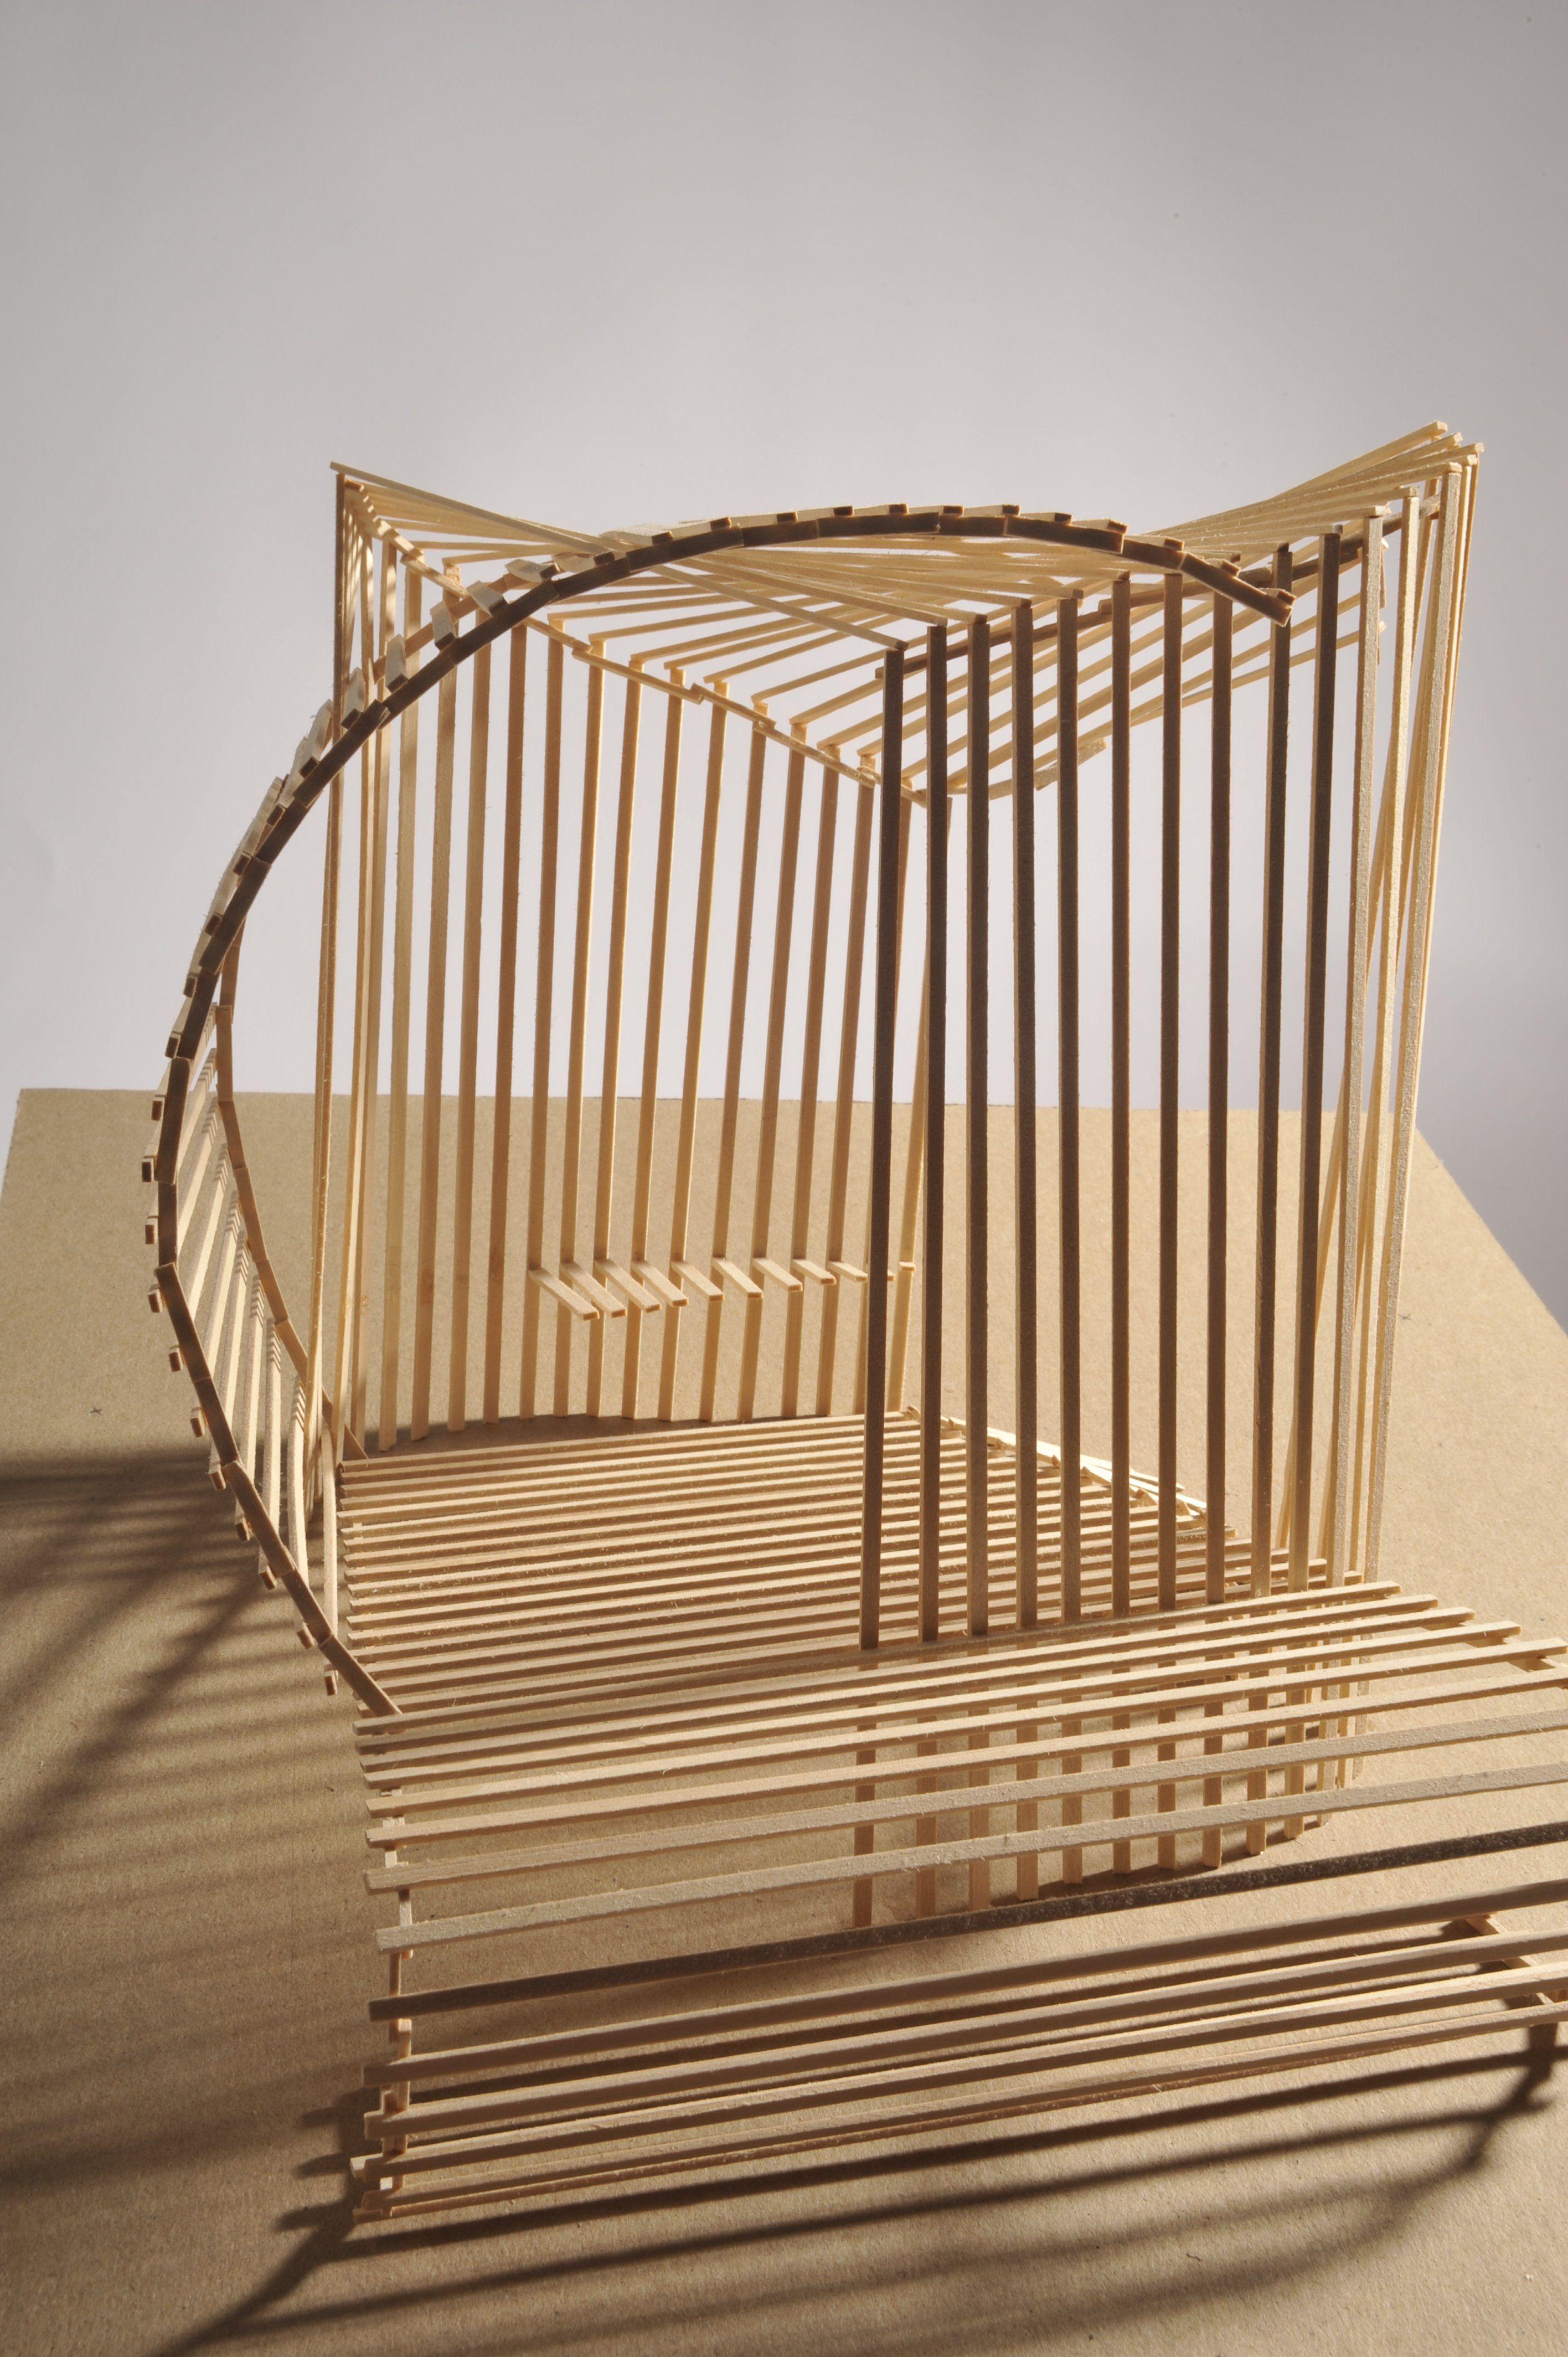 6a00e54f9f8f8c8834011168fbce26970c pi 2832 4256 architecture pinterest architecture. Black Bedroom Furniture Sets. Home Design Ideas